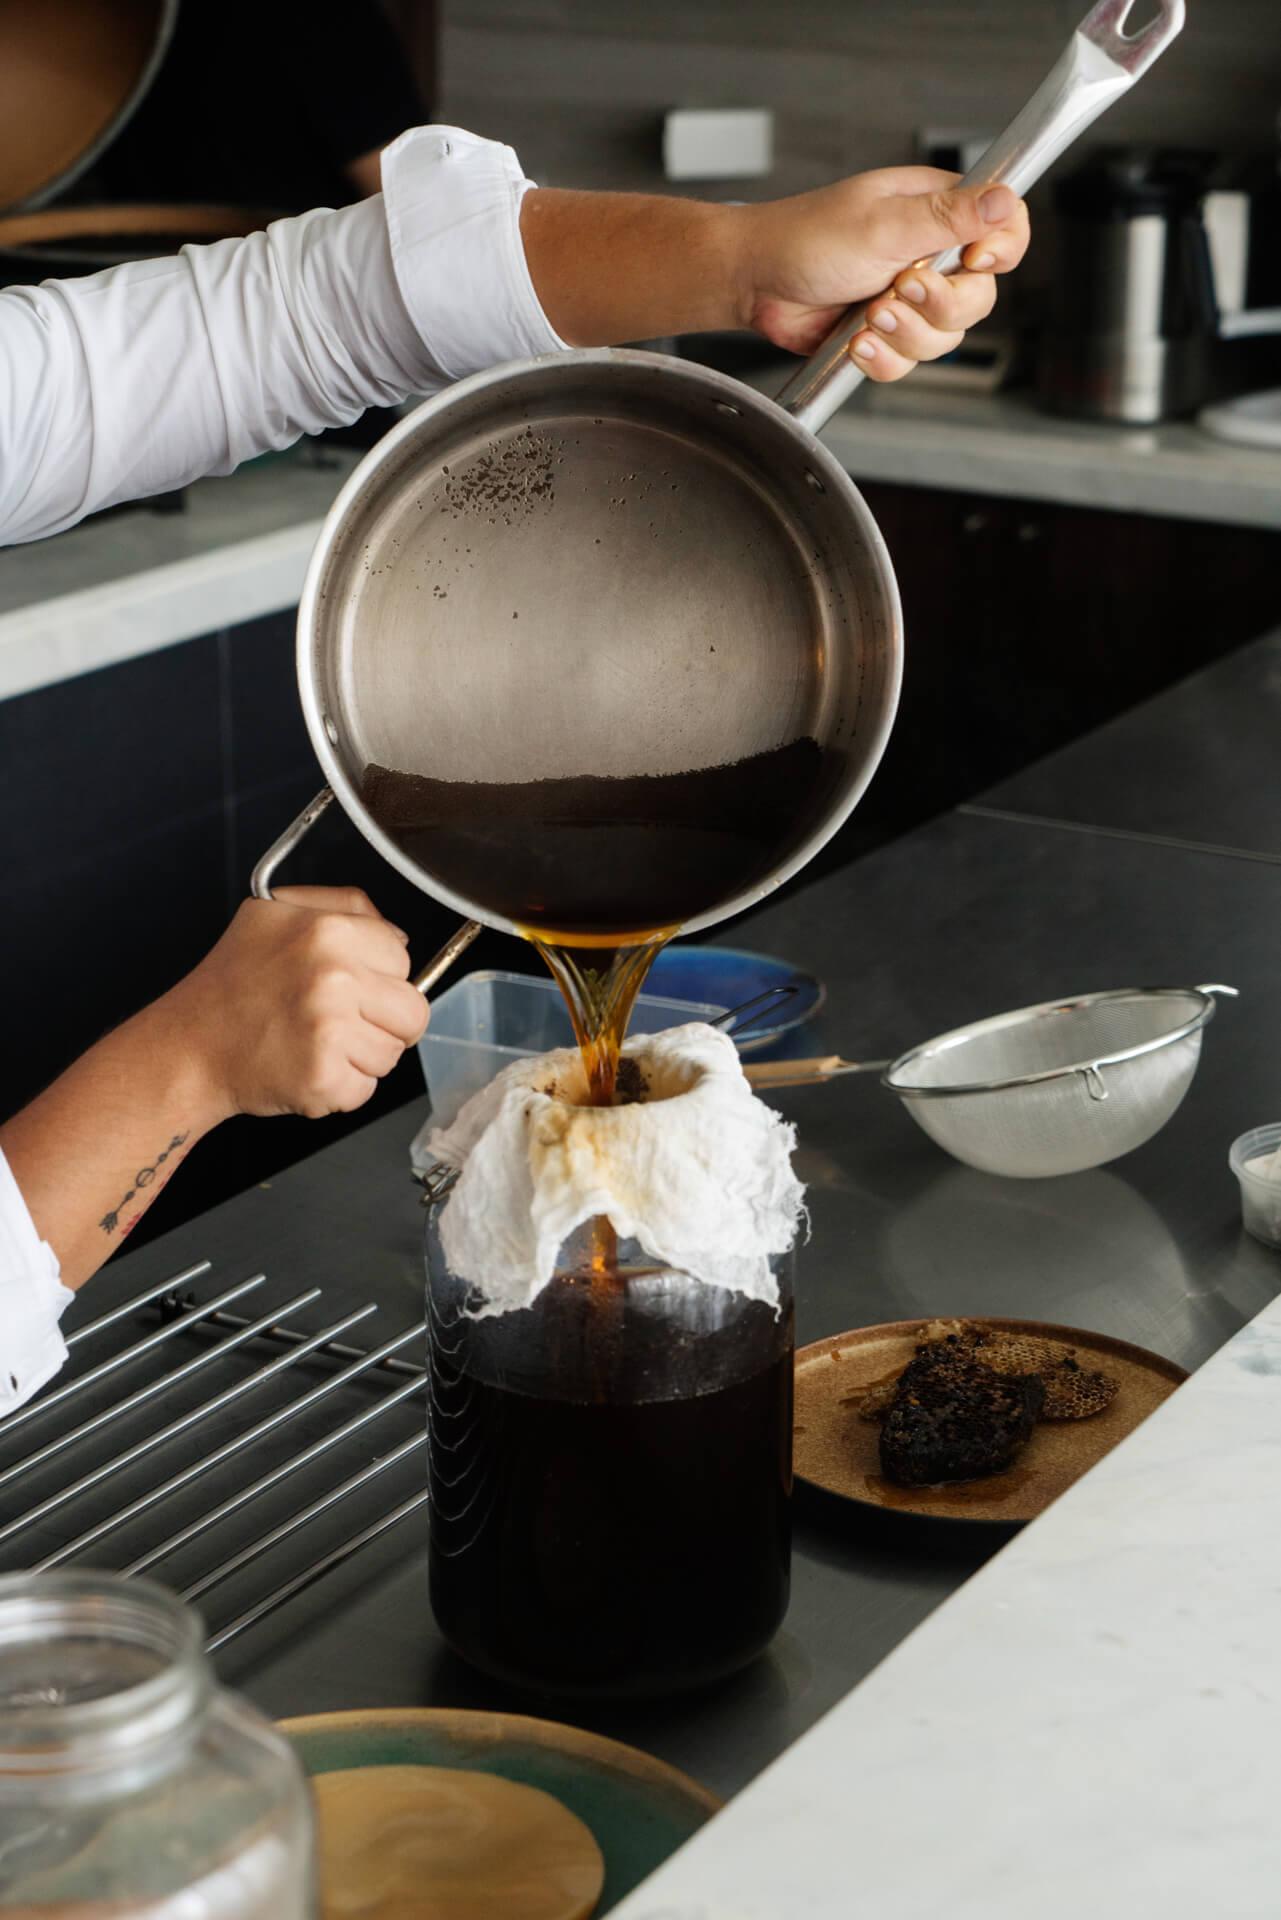 Chef Josh Boutwood preparing kombucha